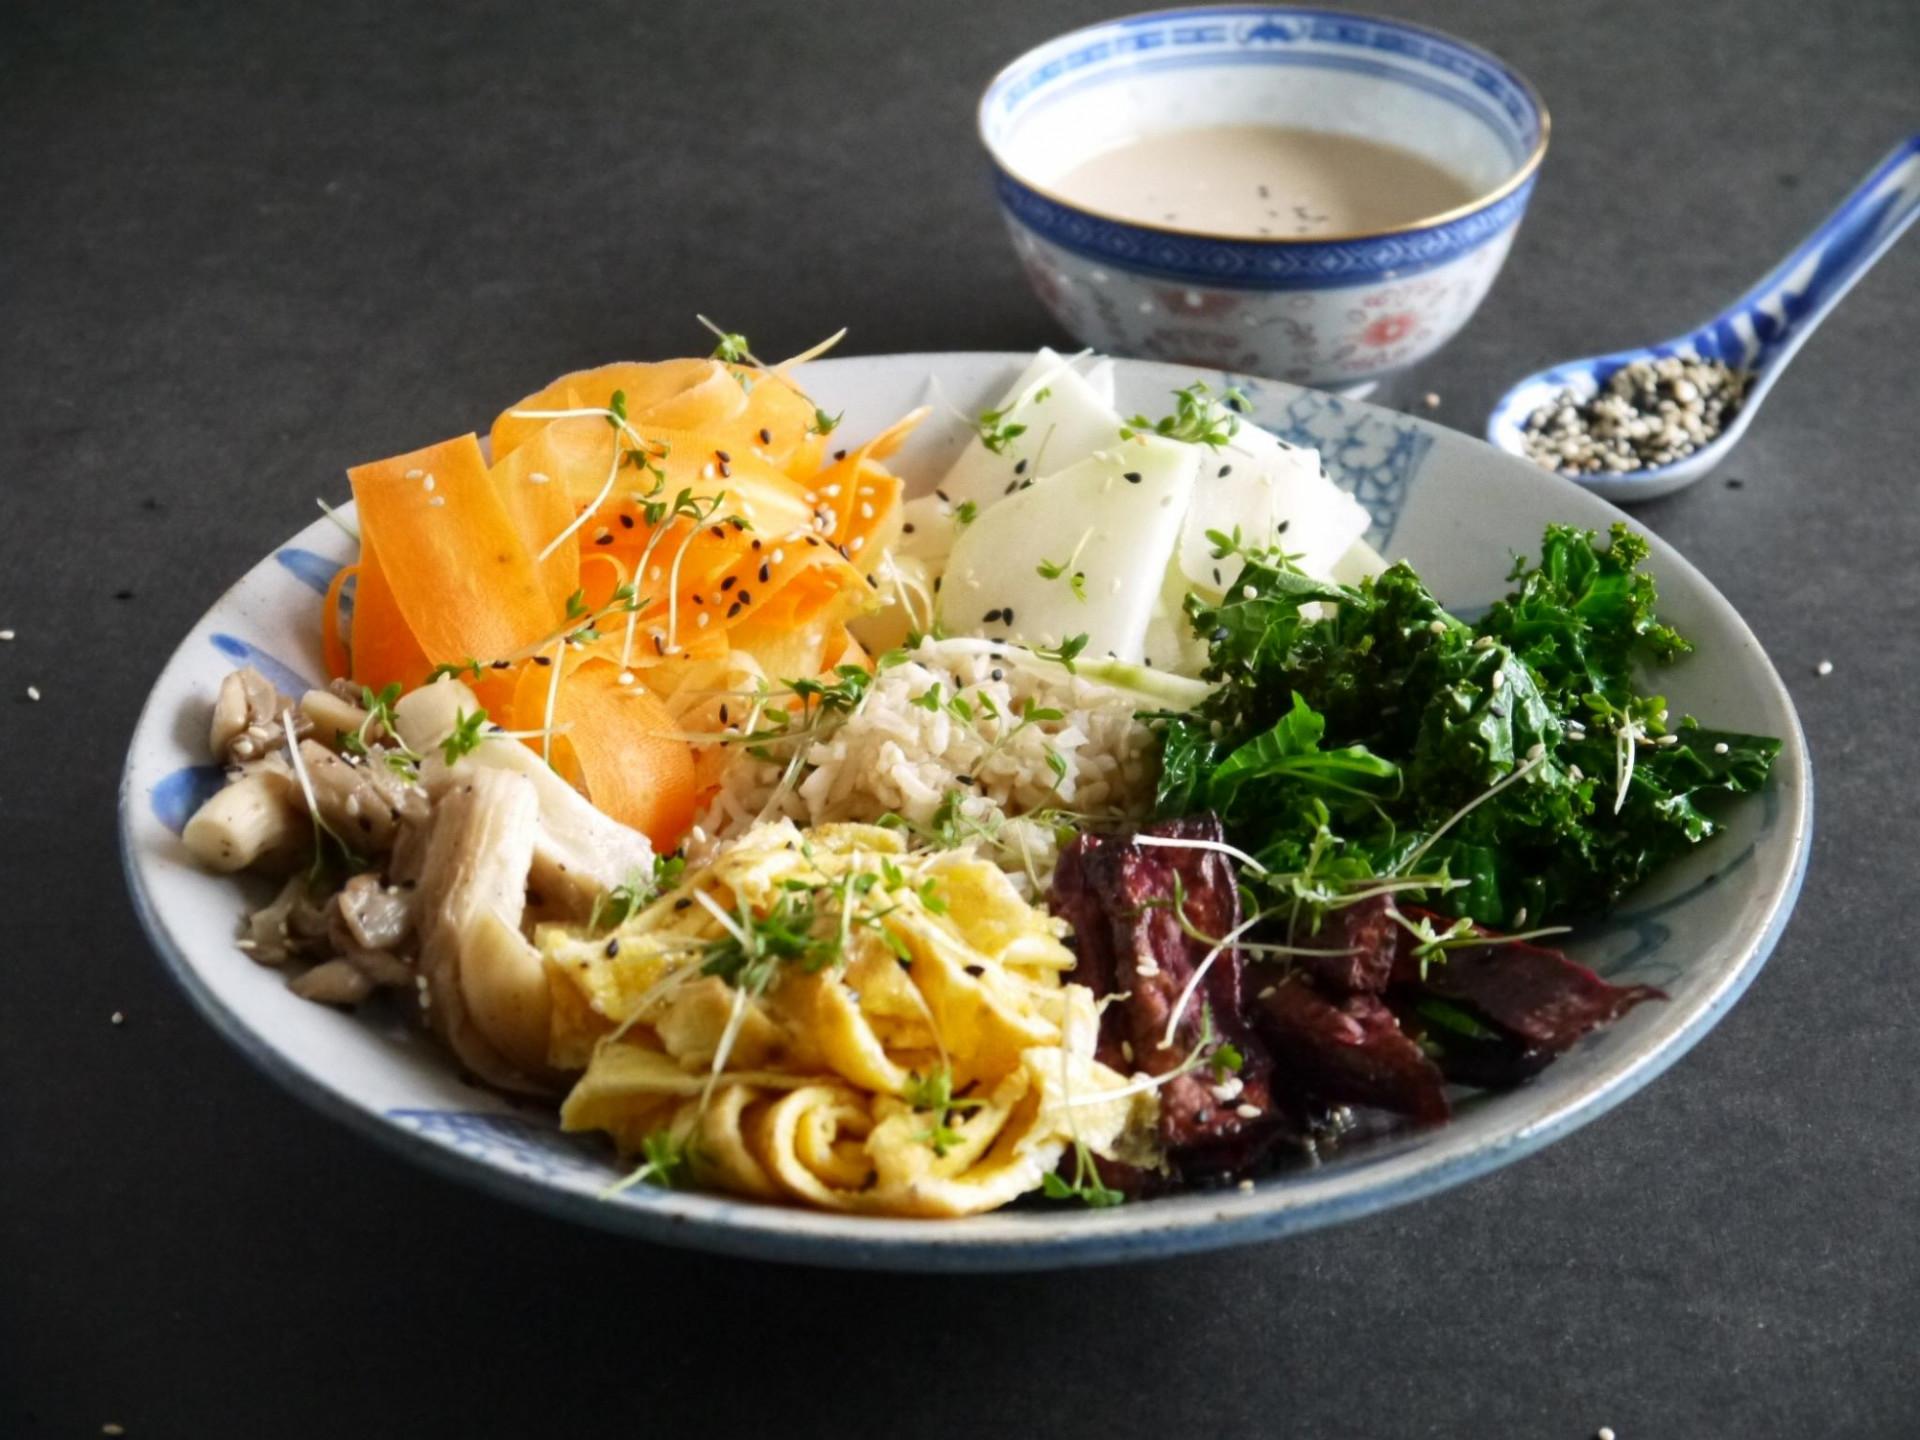 Wk 5 pokebowl omelet FP